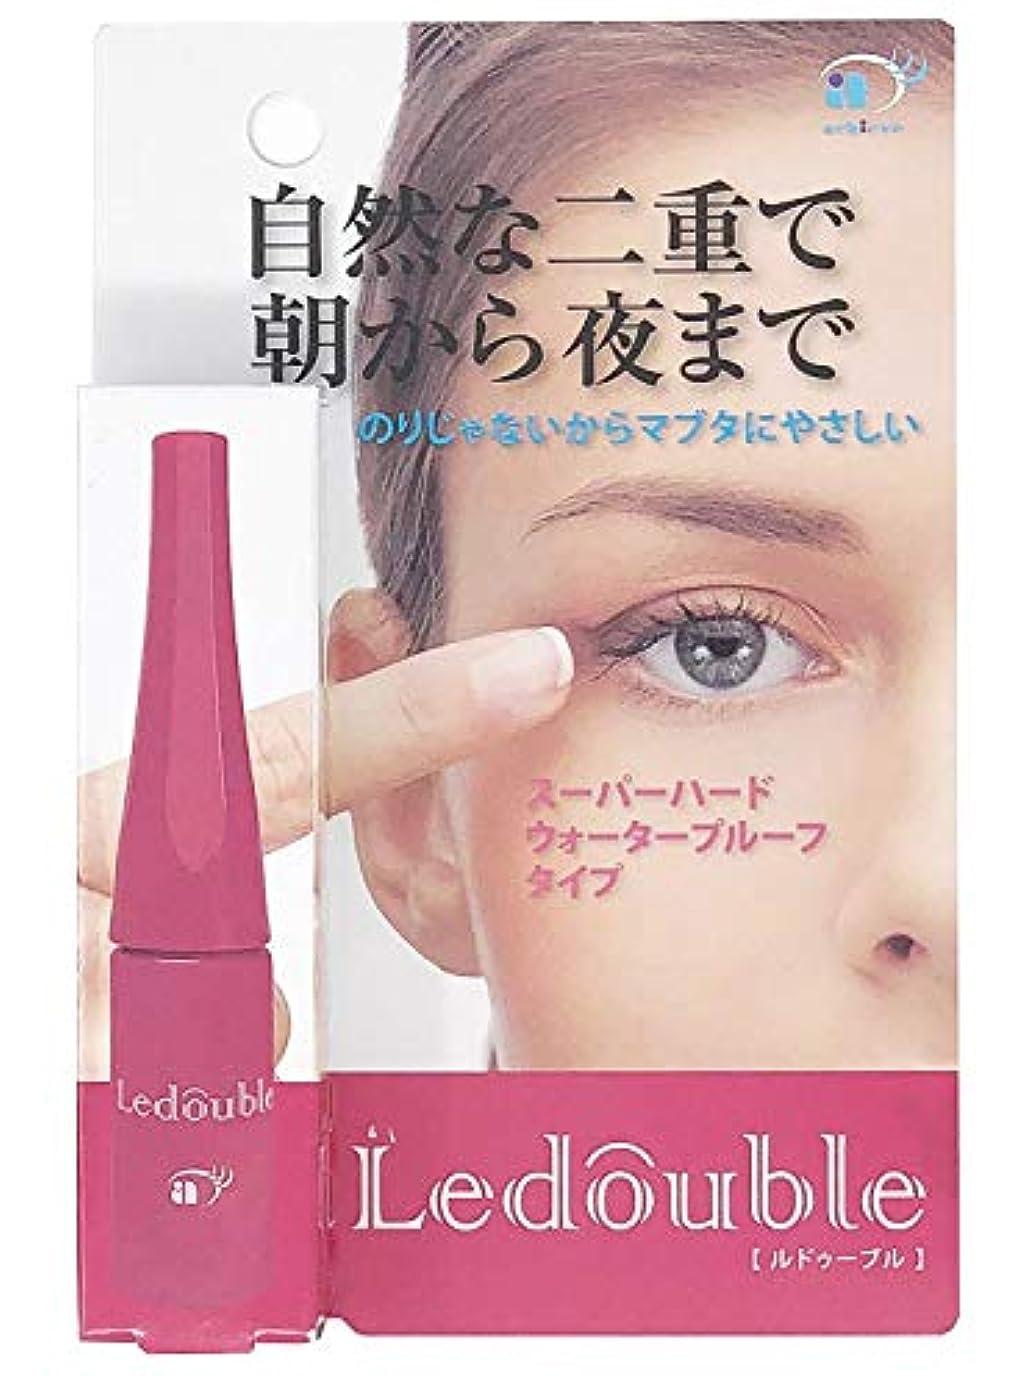 記憶経過調整Ledouble【ルドゥーブル】二重まぶた化粧品(4mL)